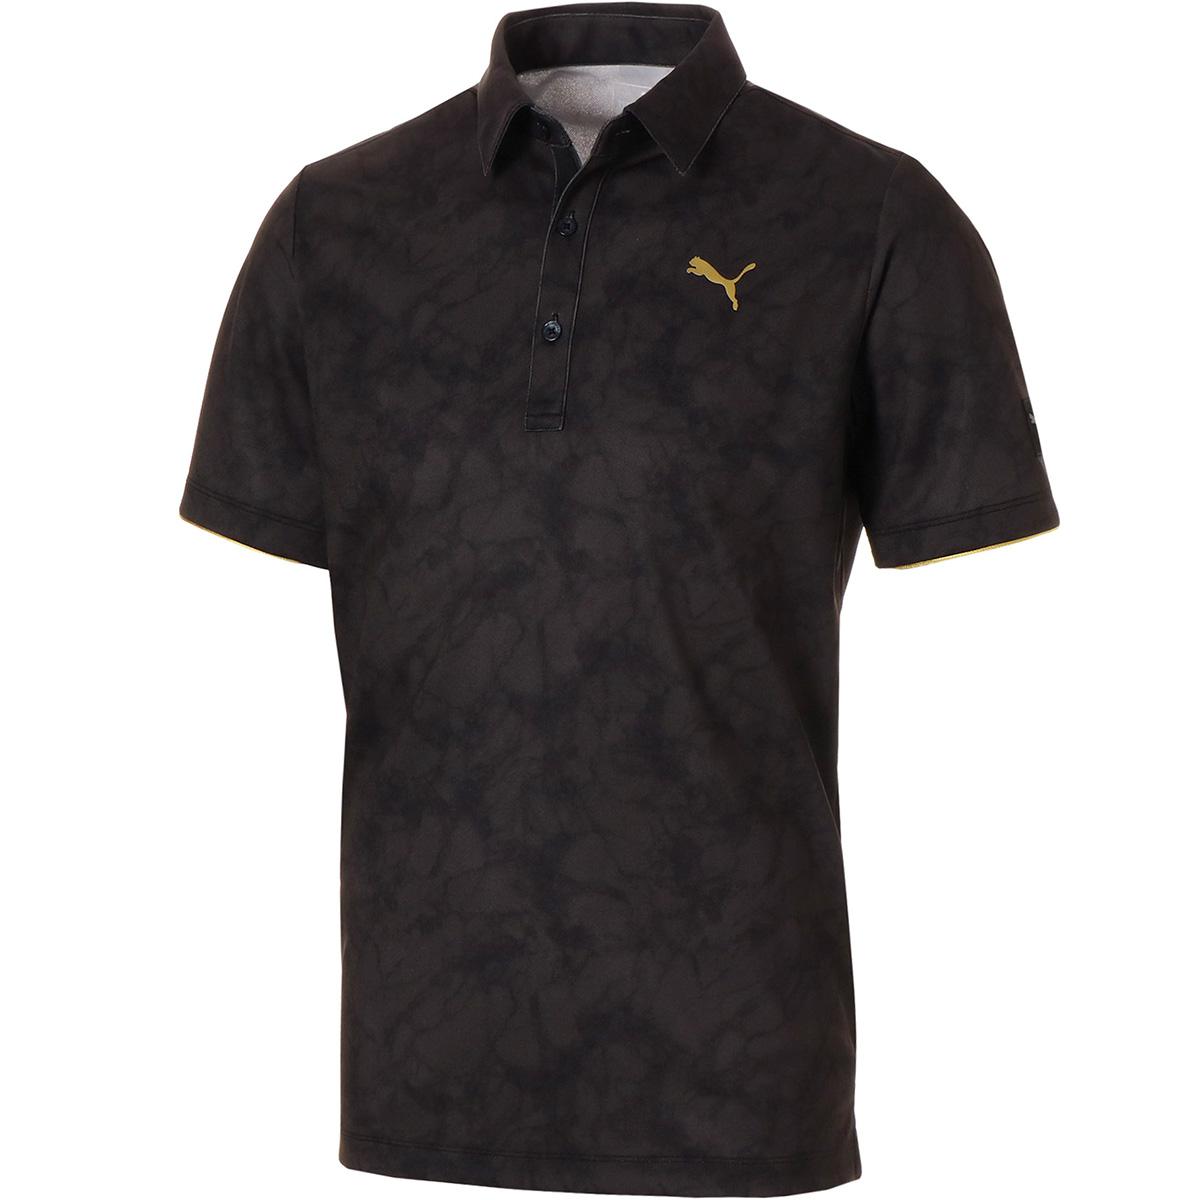 ストーン カモ 半袖ポロシャツ